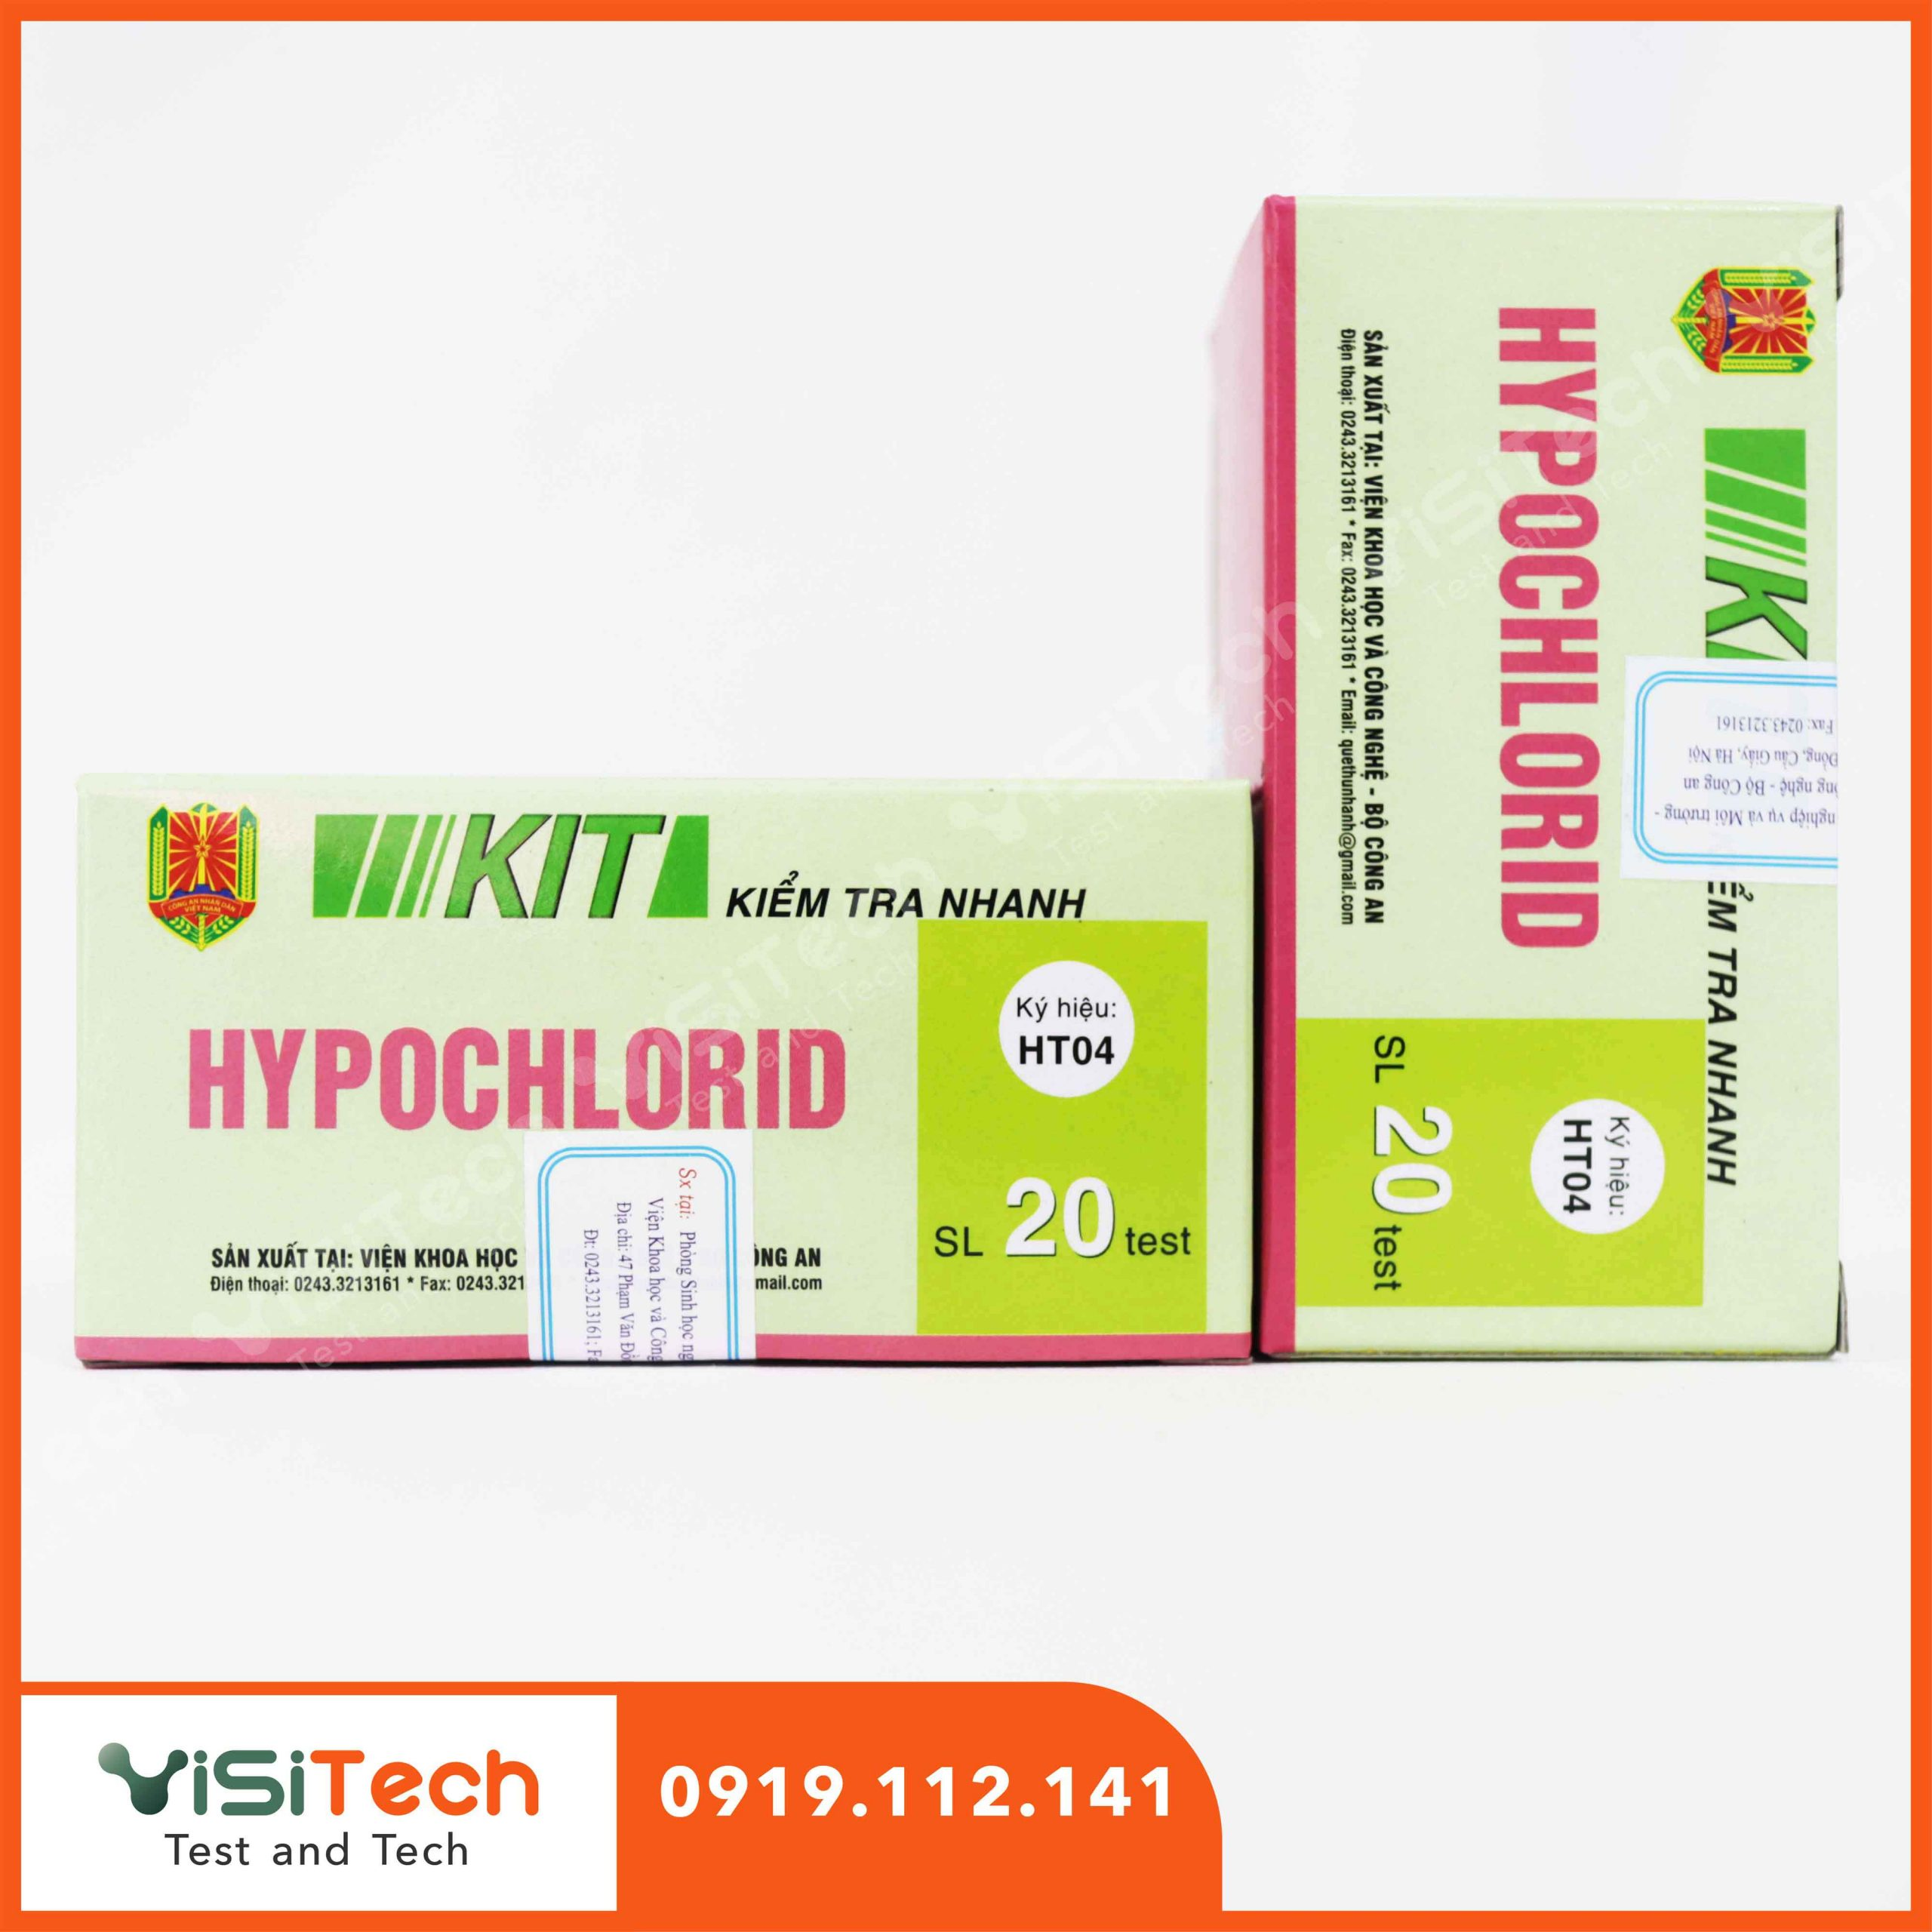 Kit kiểm tra nhanh hypoclorid giúp phát hiện hypoclorid có trong các loại thực phẩm